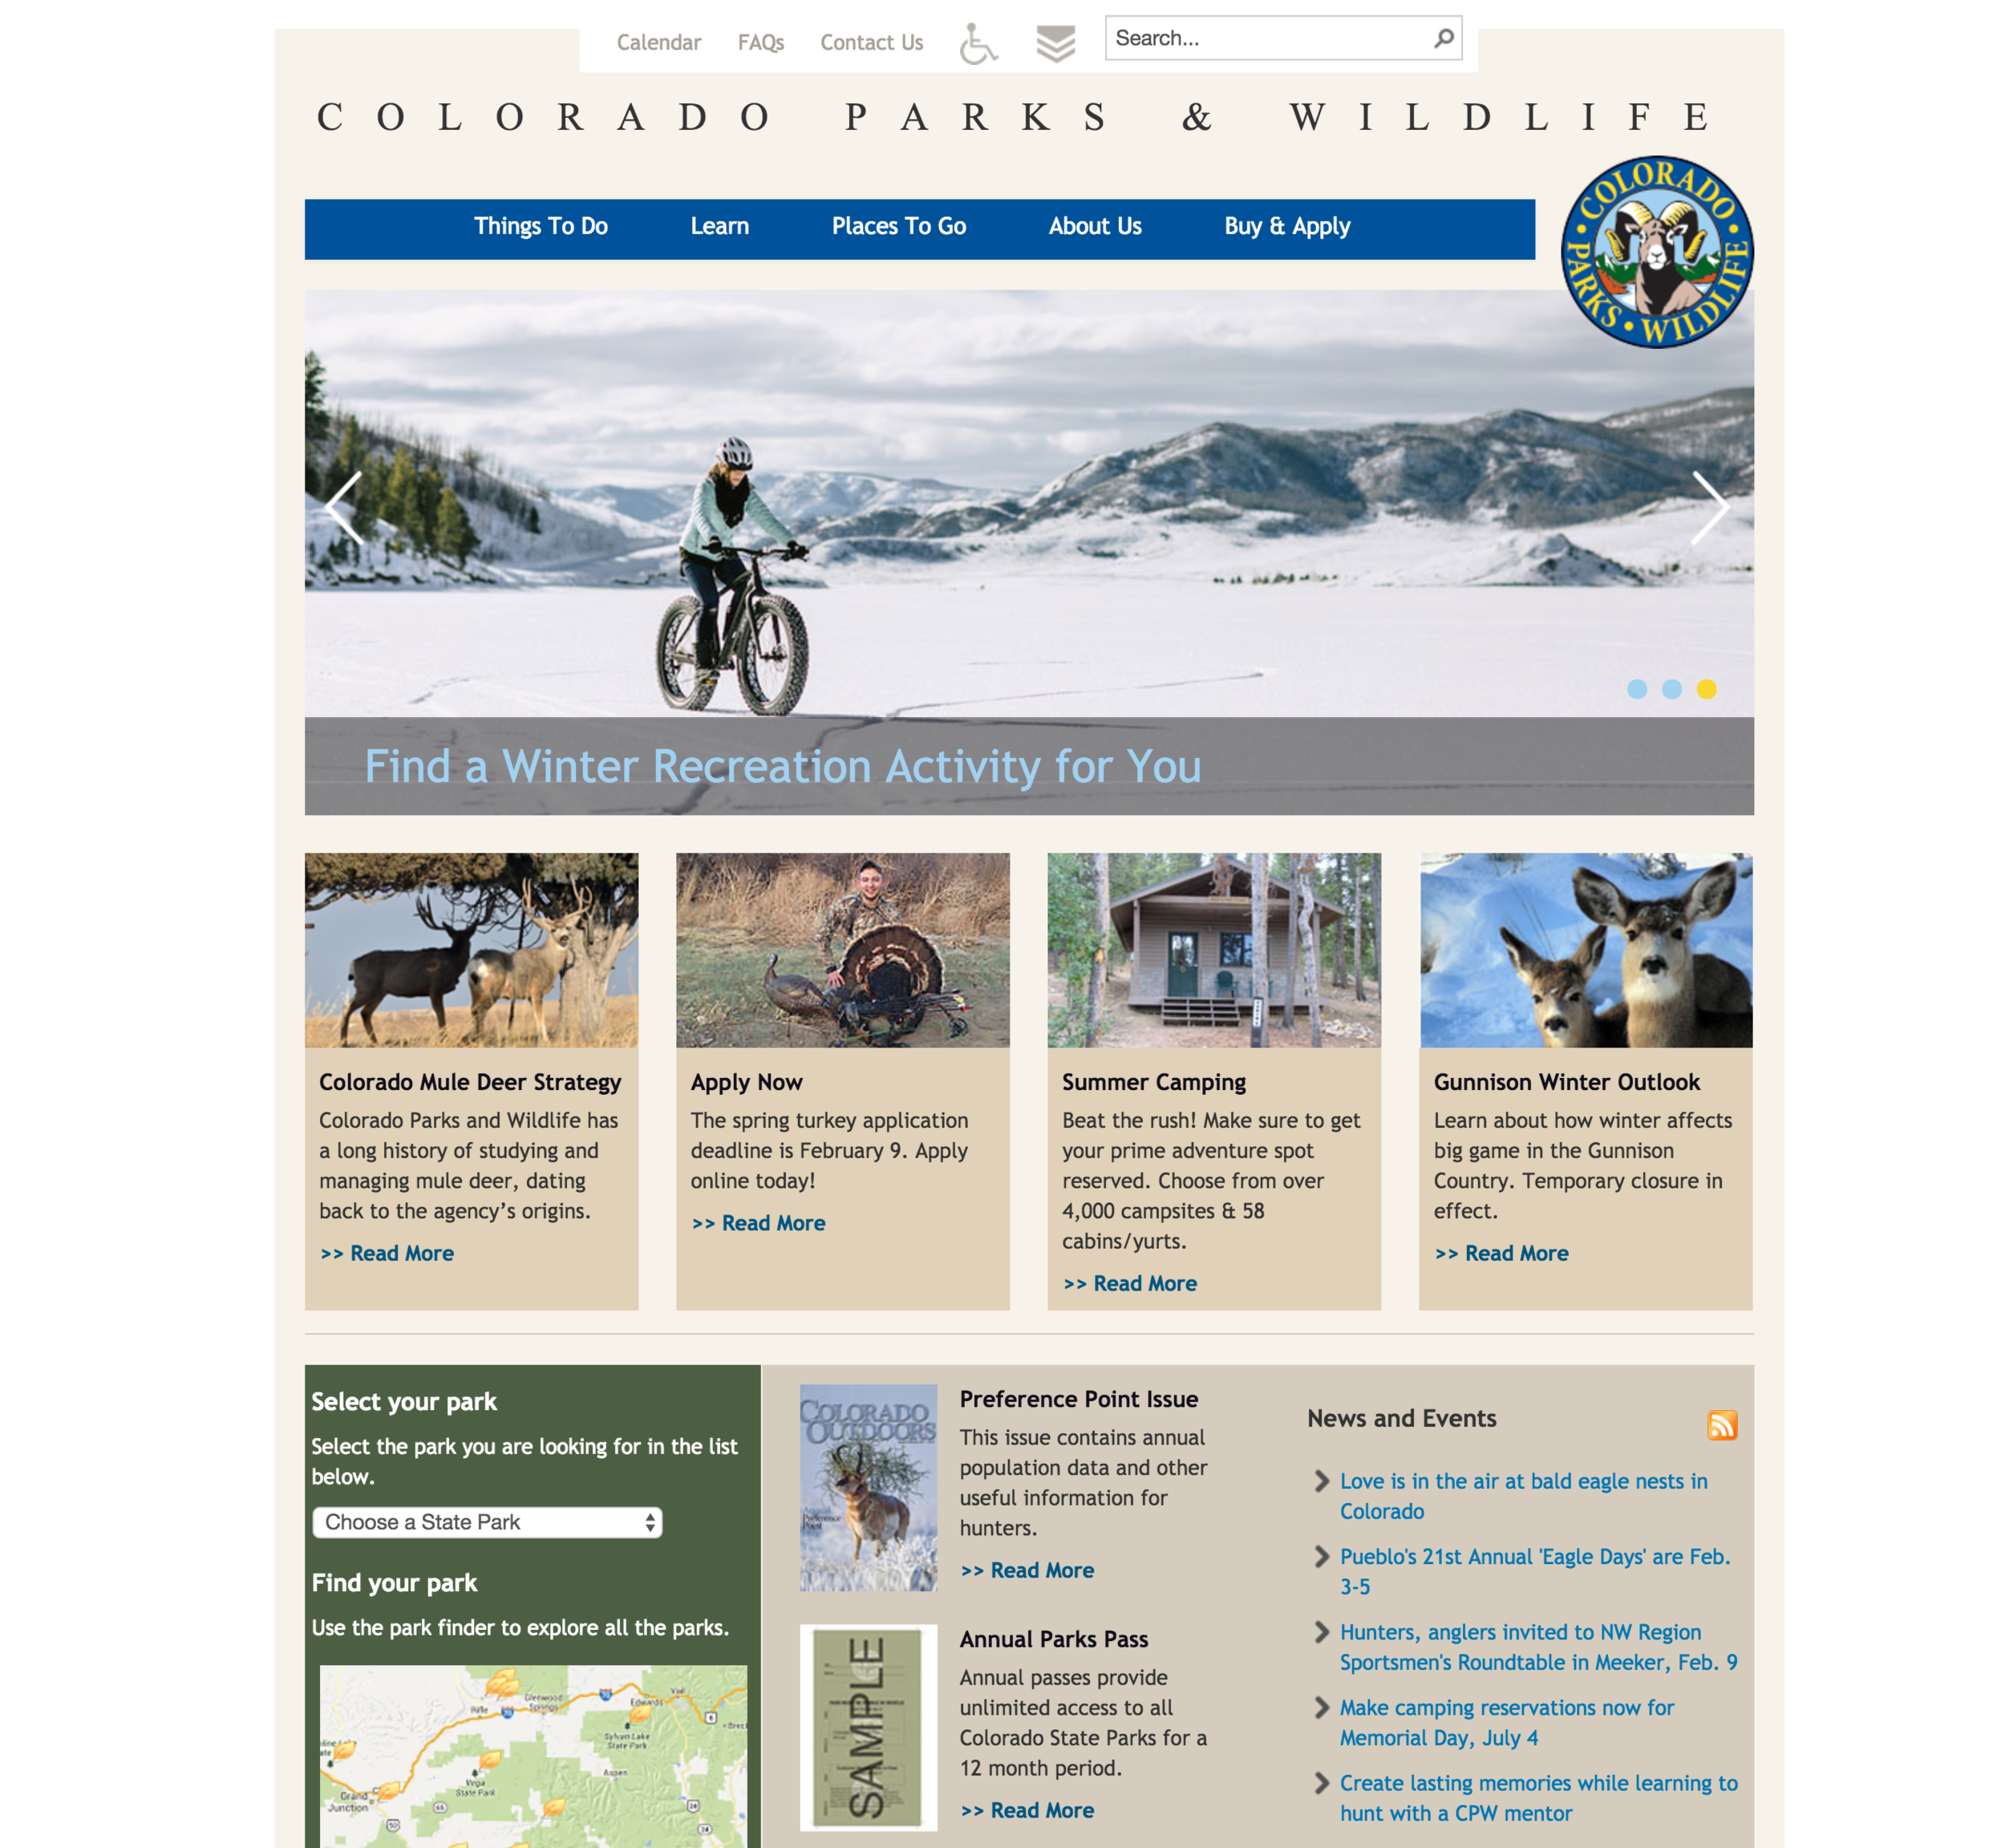 Colorado Parks & Wildlife, a partner of the Western Colorado Landscape Collaborative